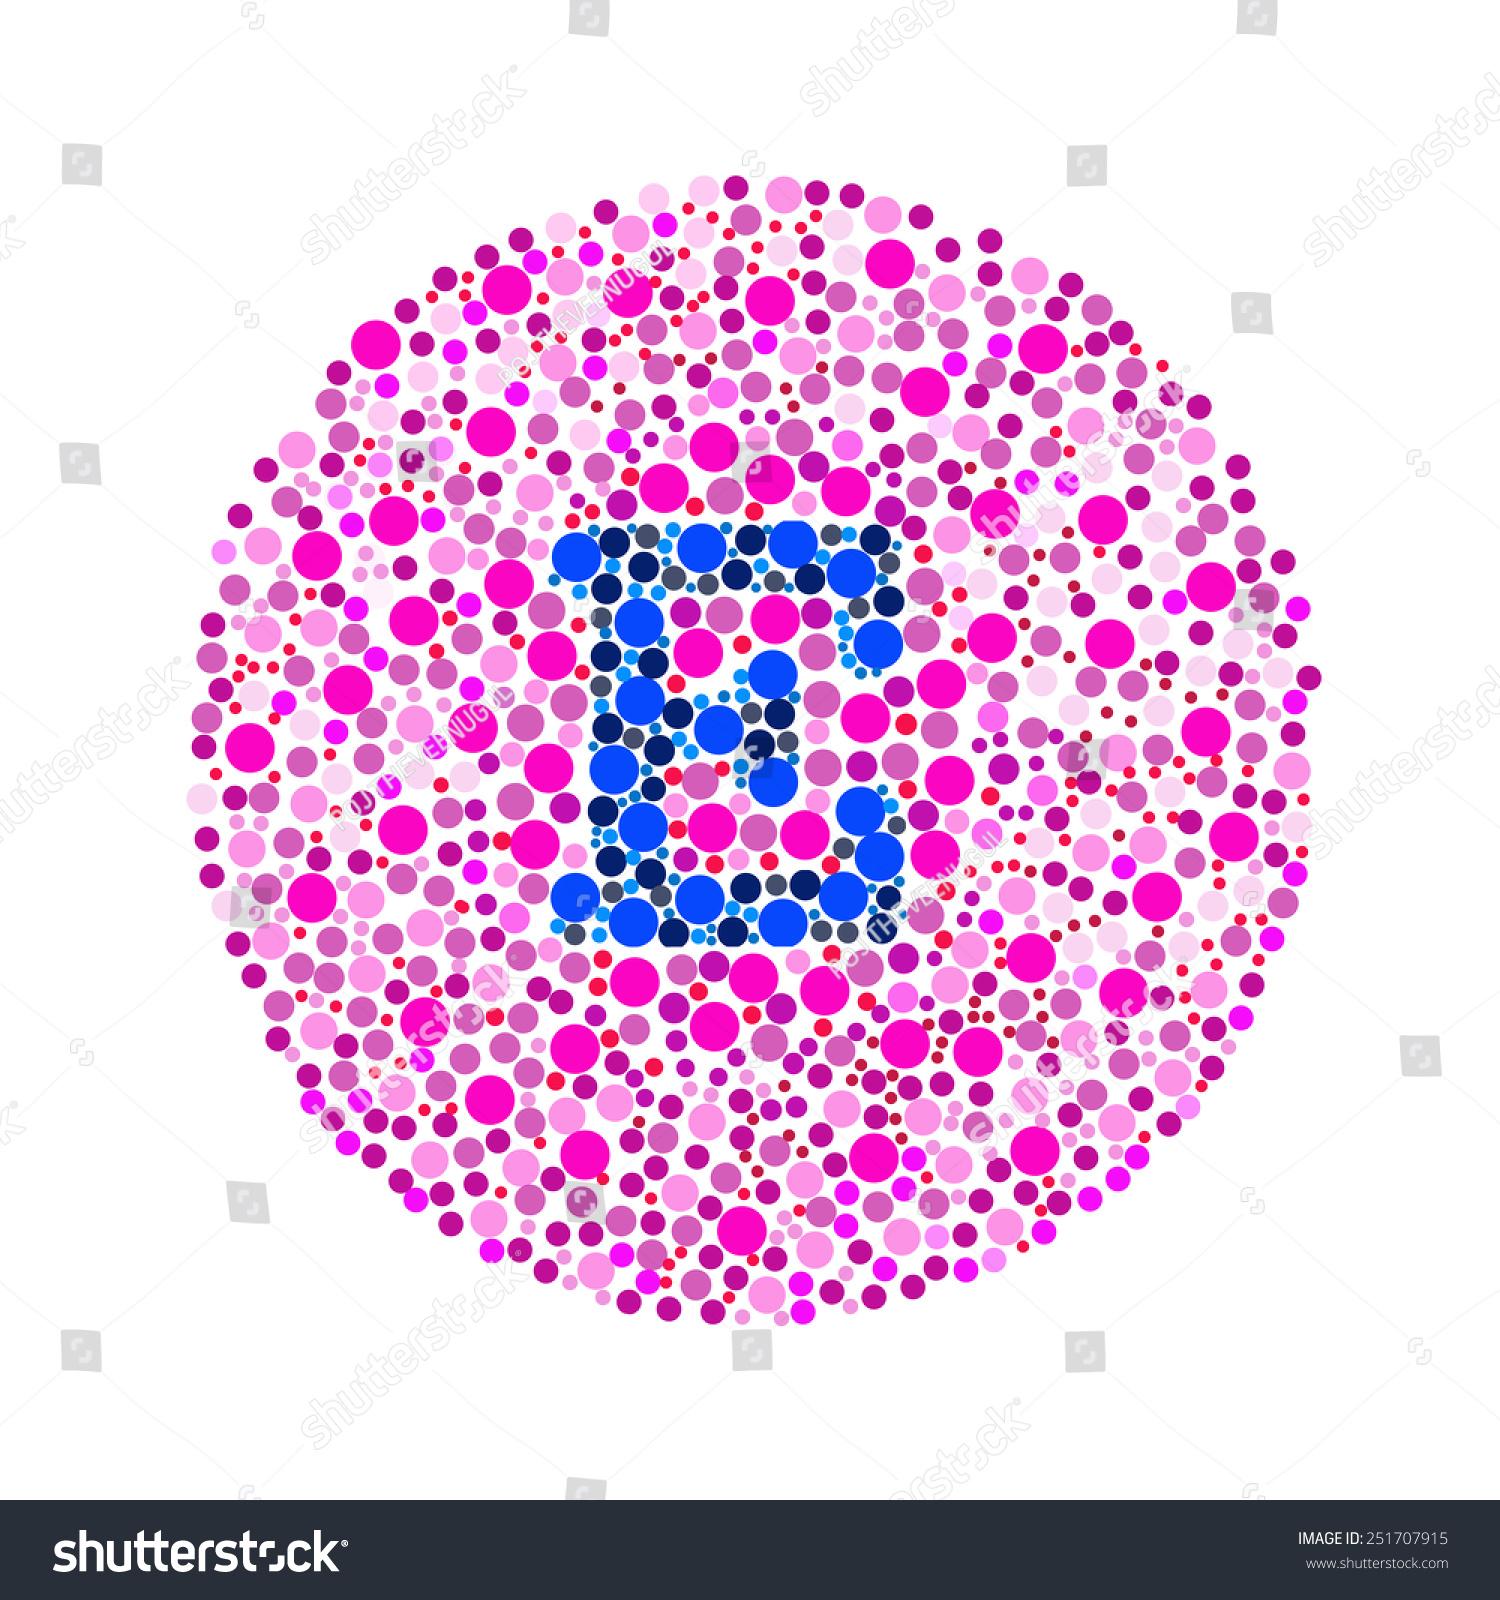 Blind Colour Test Letter E Stock Illustration 251707915 - Shutterstock